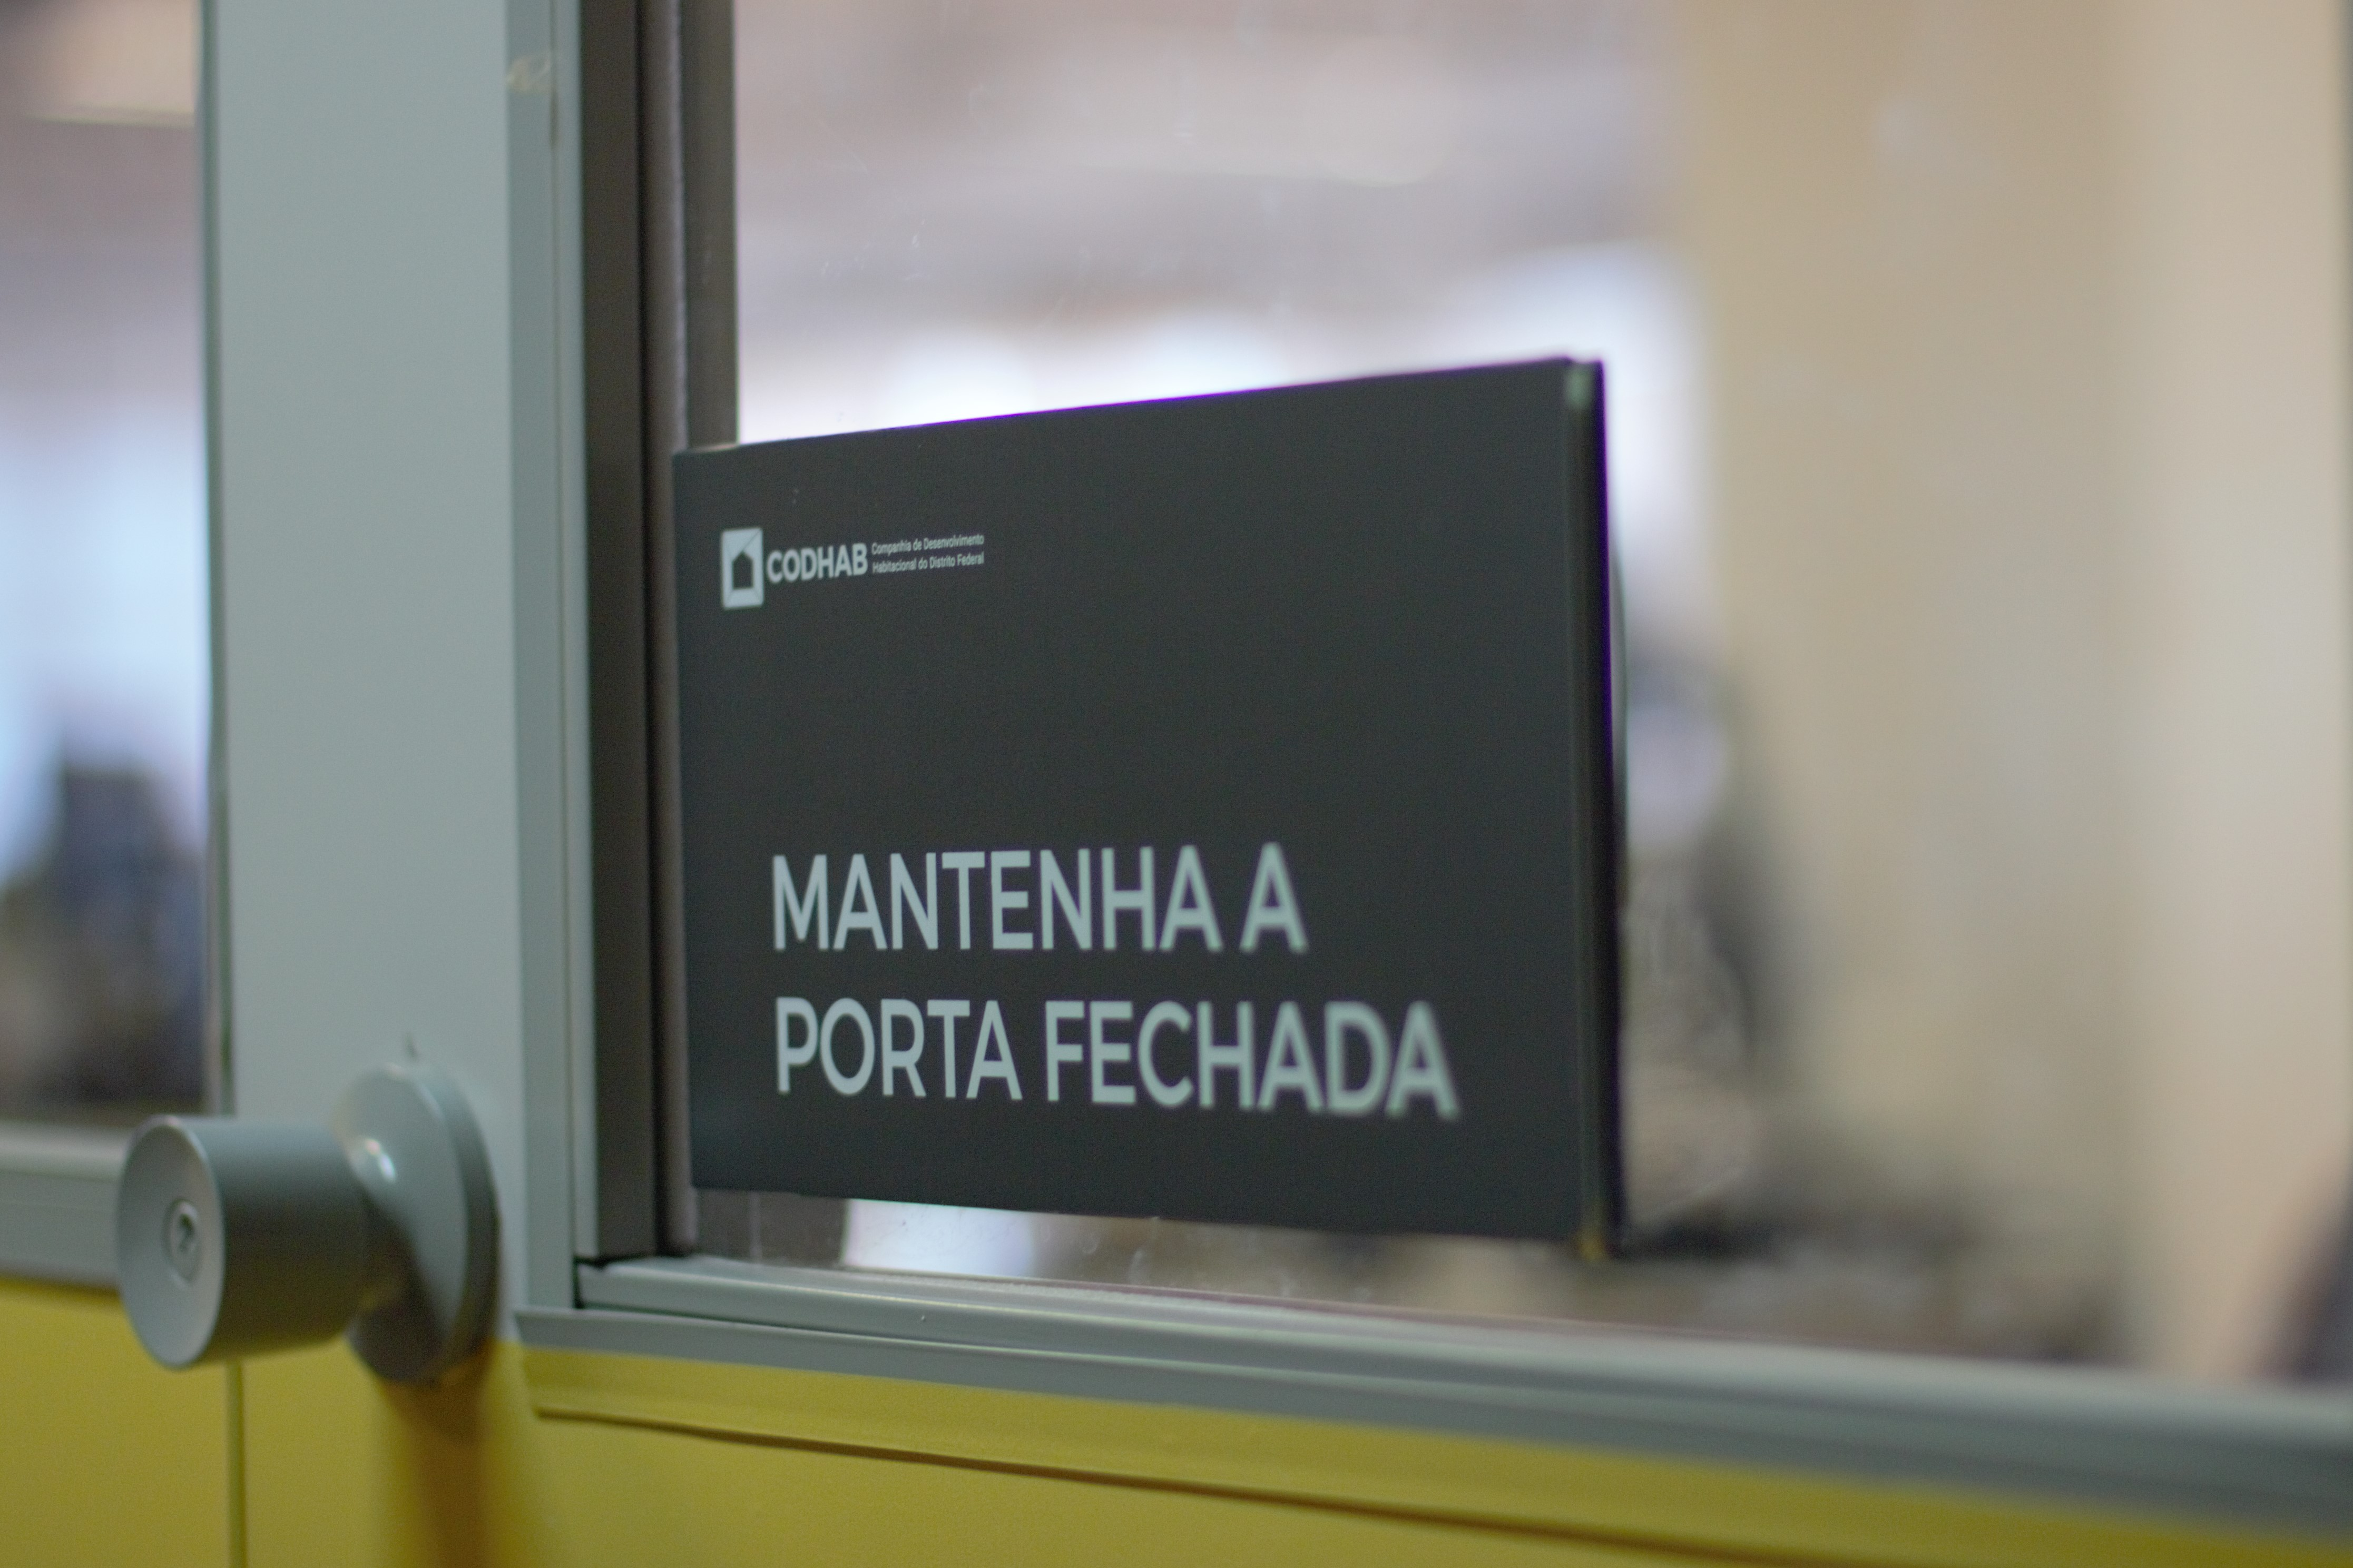 GAB PLACAS Cliente Codhab - Placa mantenha a porta fechada